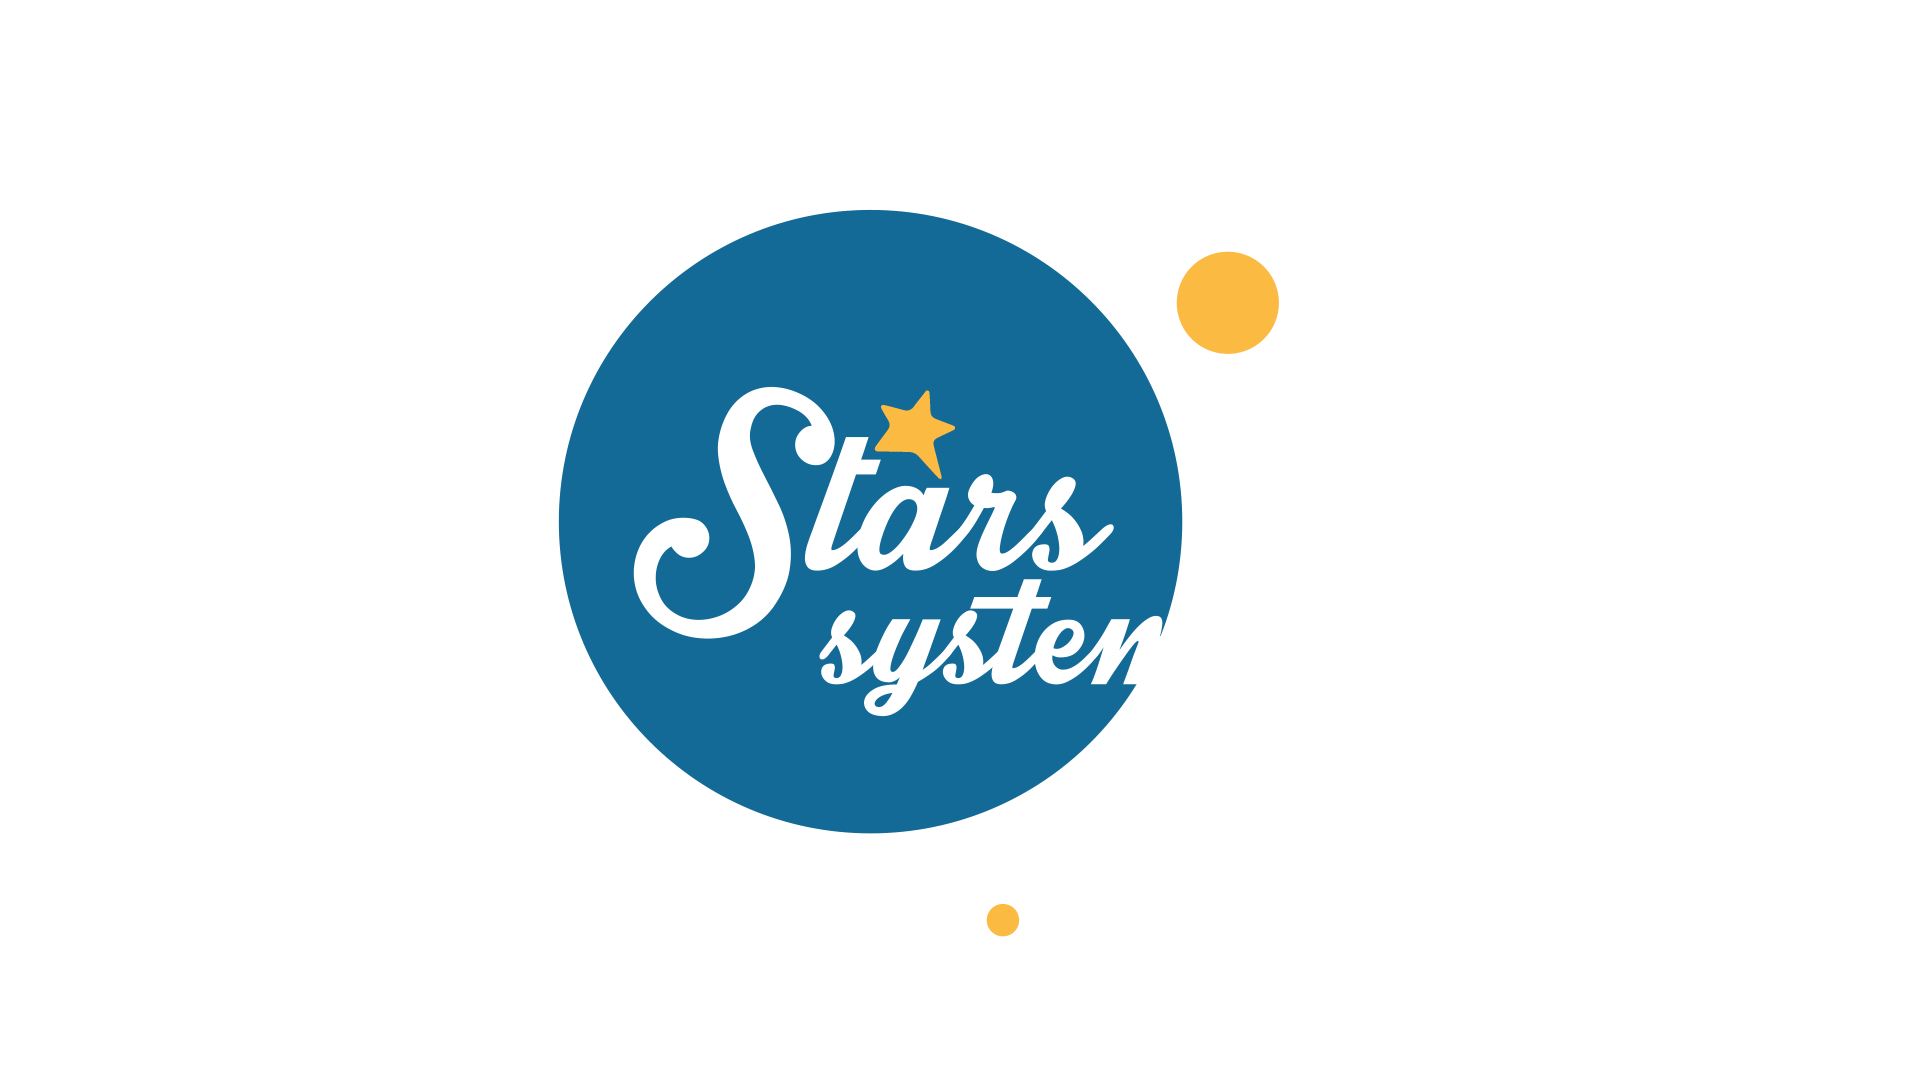 Άση Μπήλιου Σάββατο εκπομπή Stars System